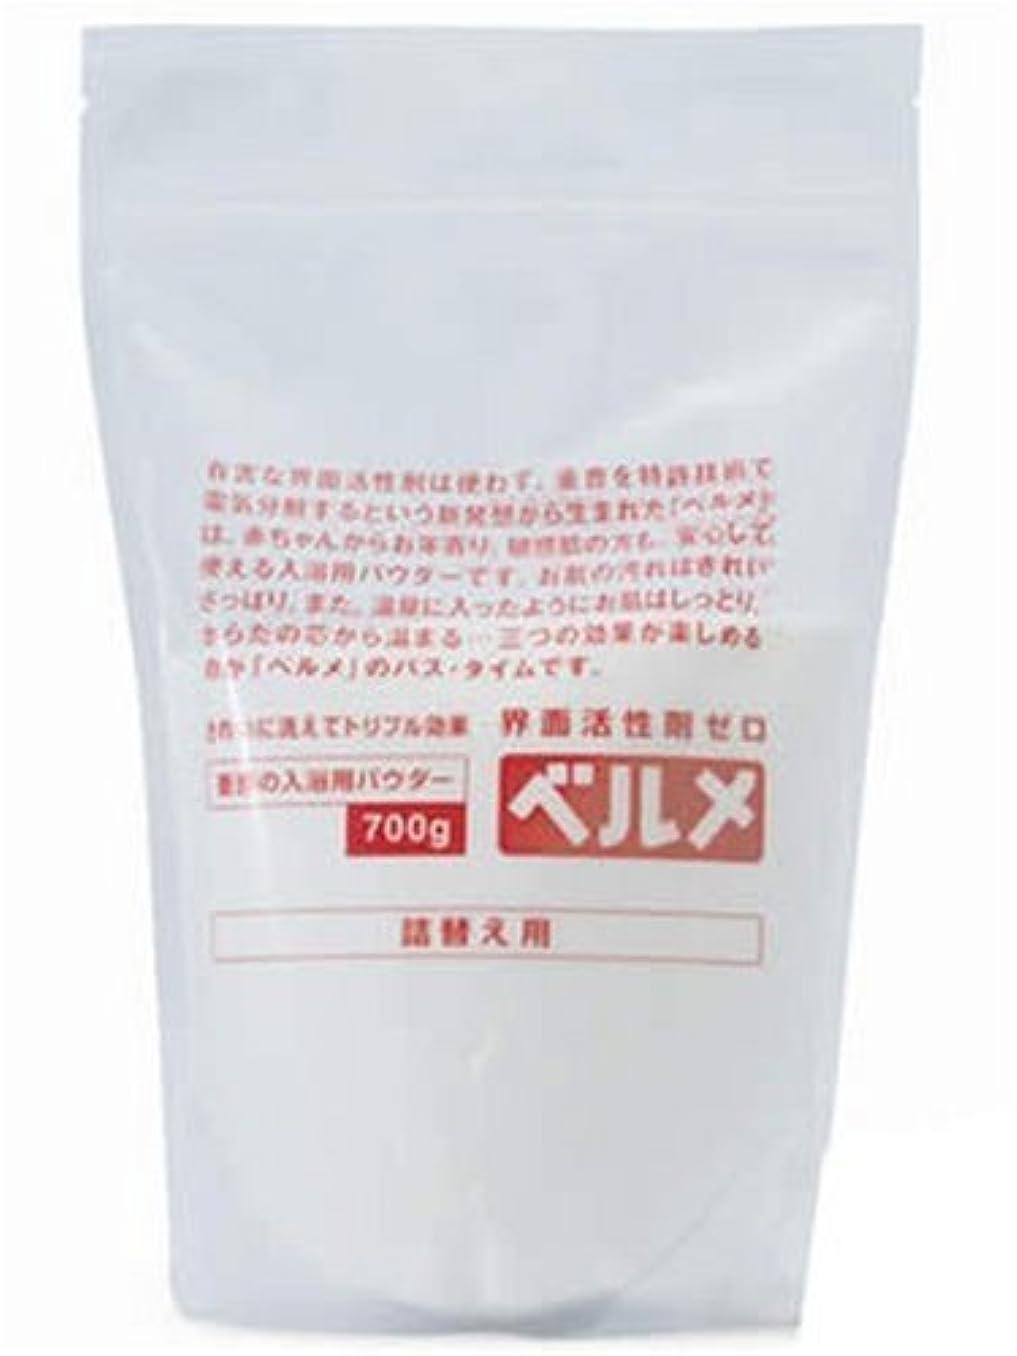 小麦リールに頼るベルメ 重曹入浴用パウダー(界面活性剤ゼロ) 700g